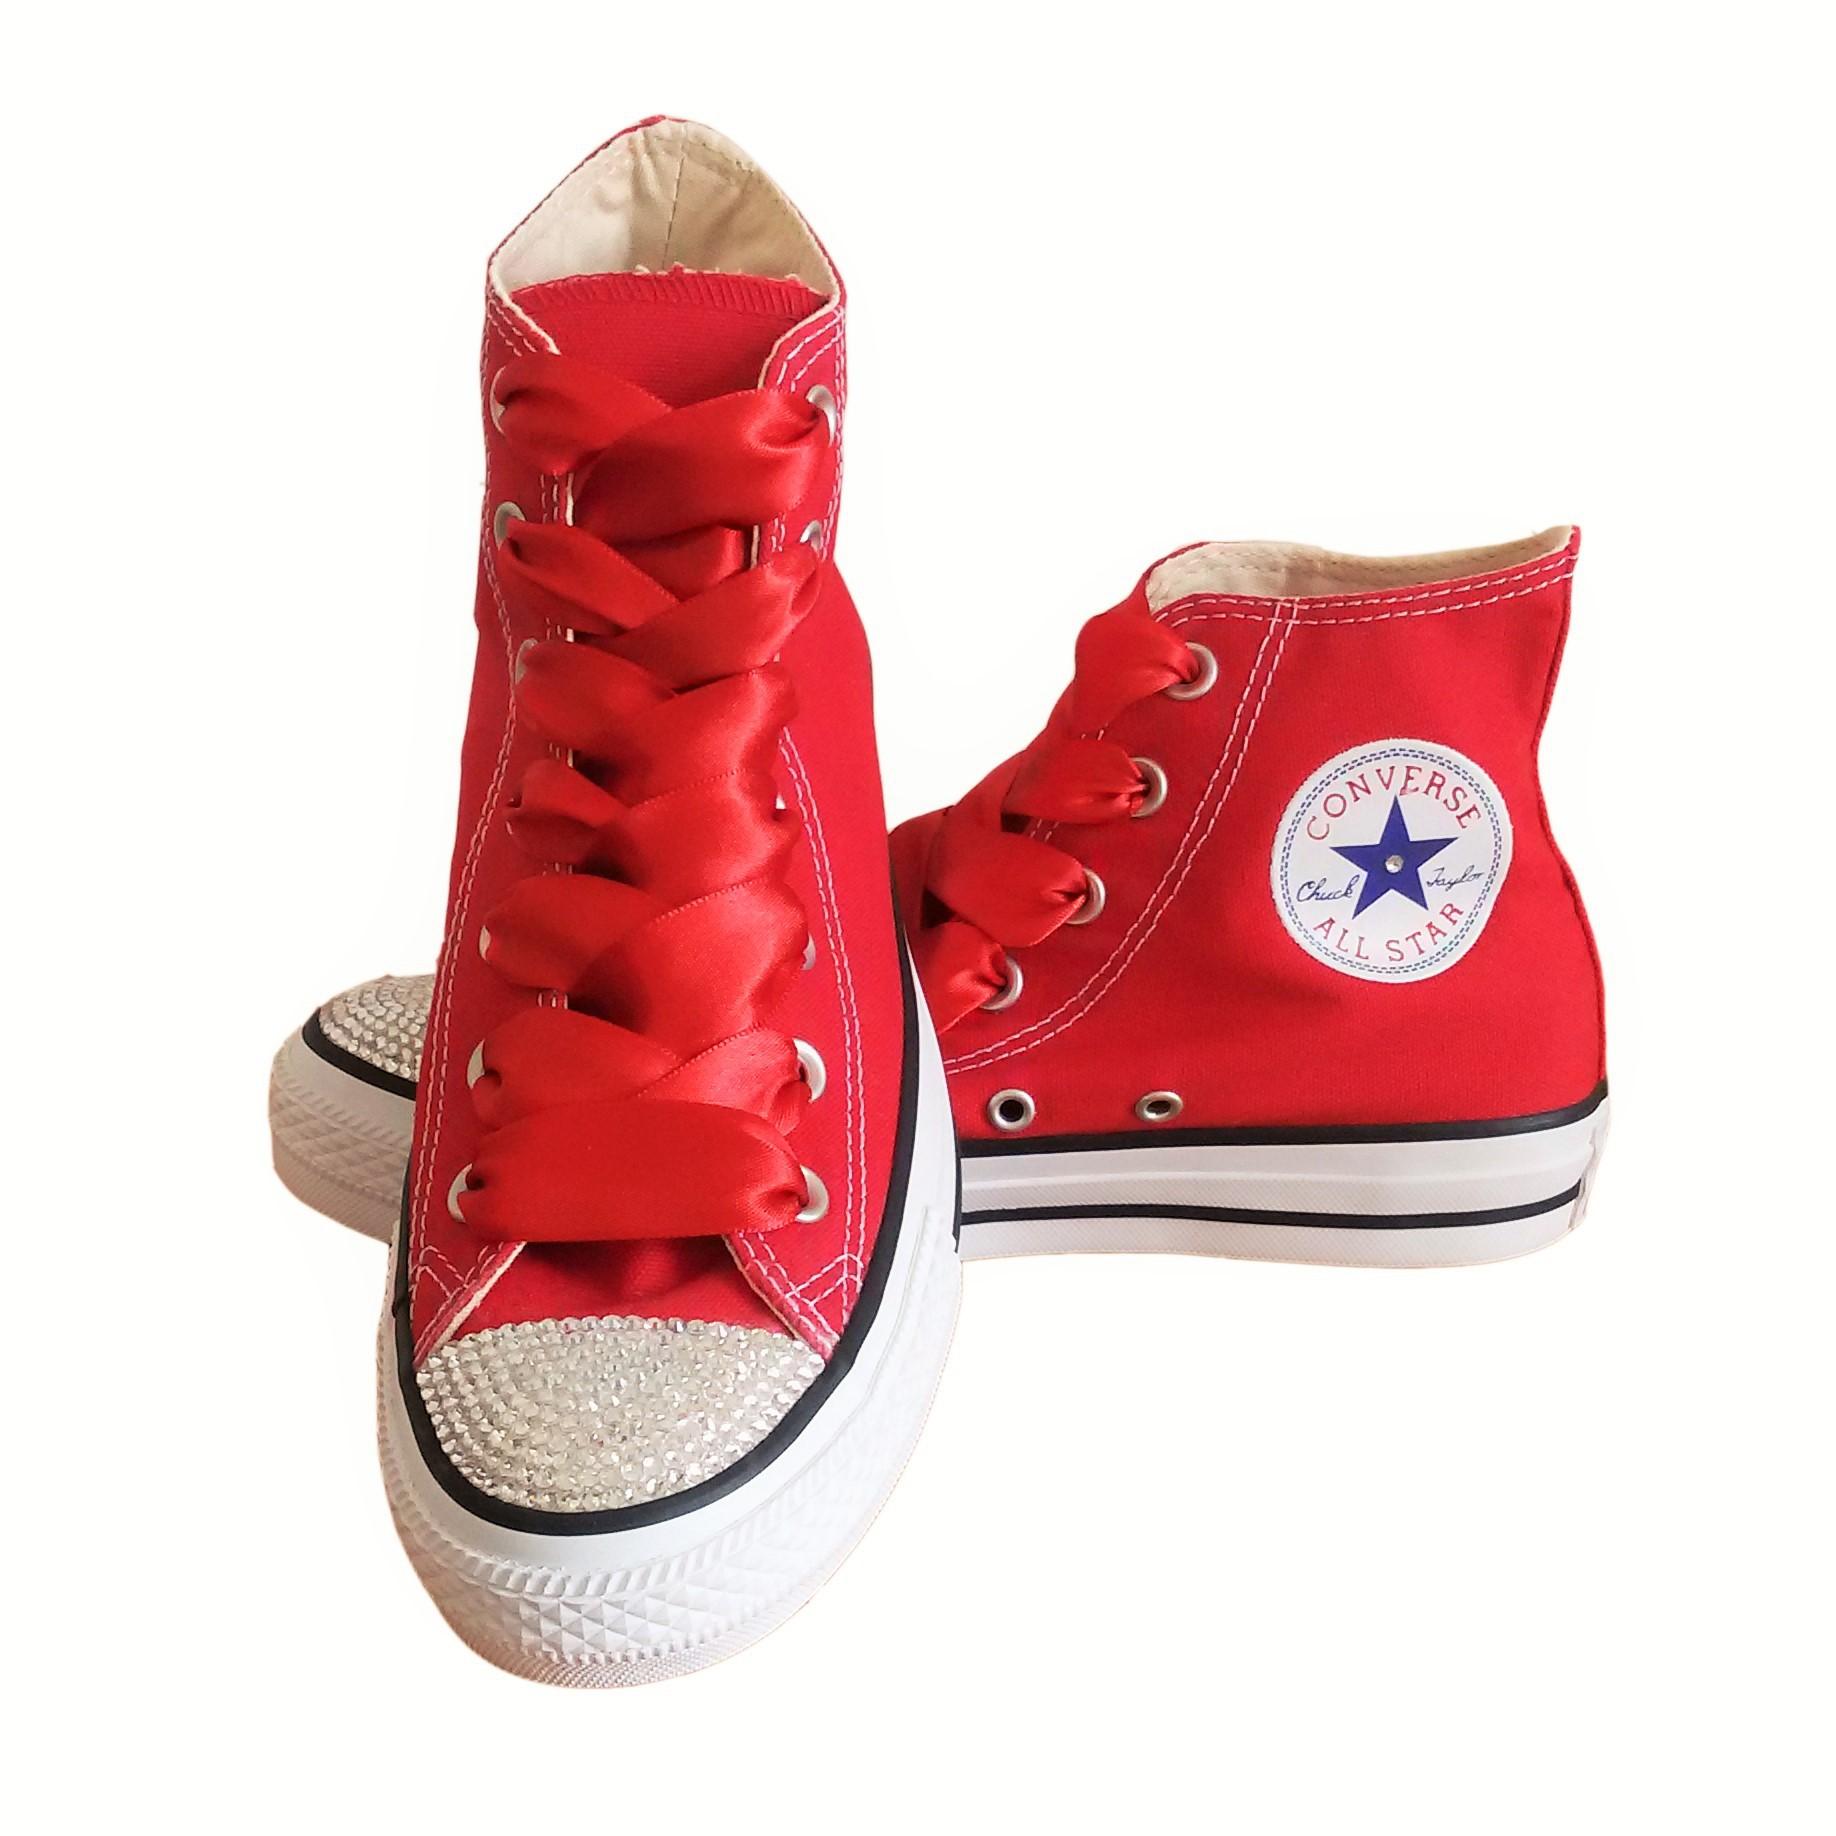 Converse Dětské Converse Chuck Taylor All Star 3J232 SparkleS - 29 3J232